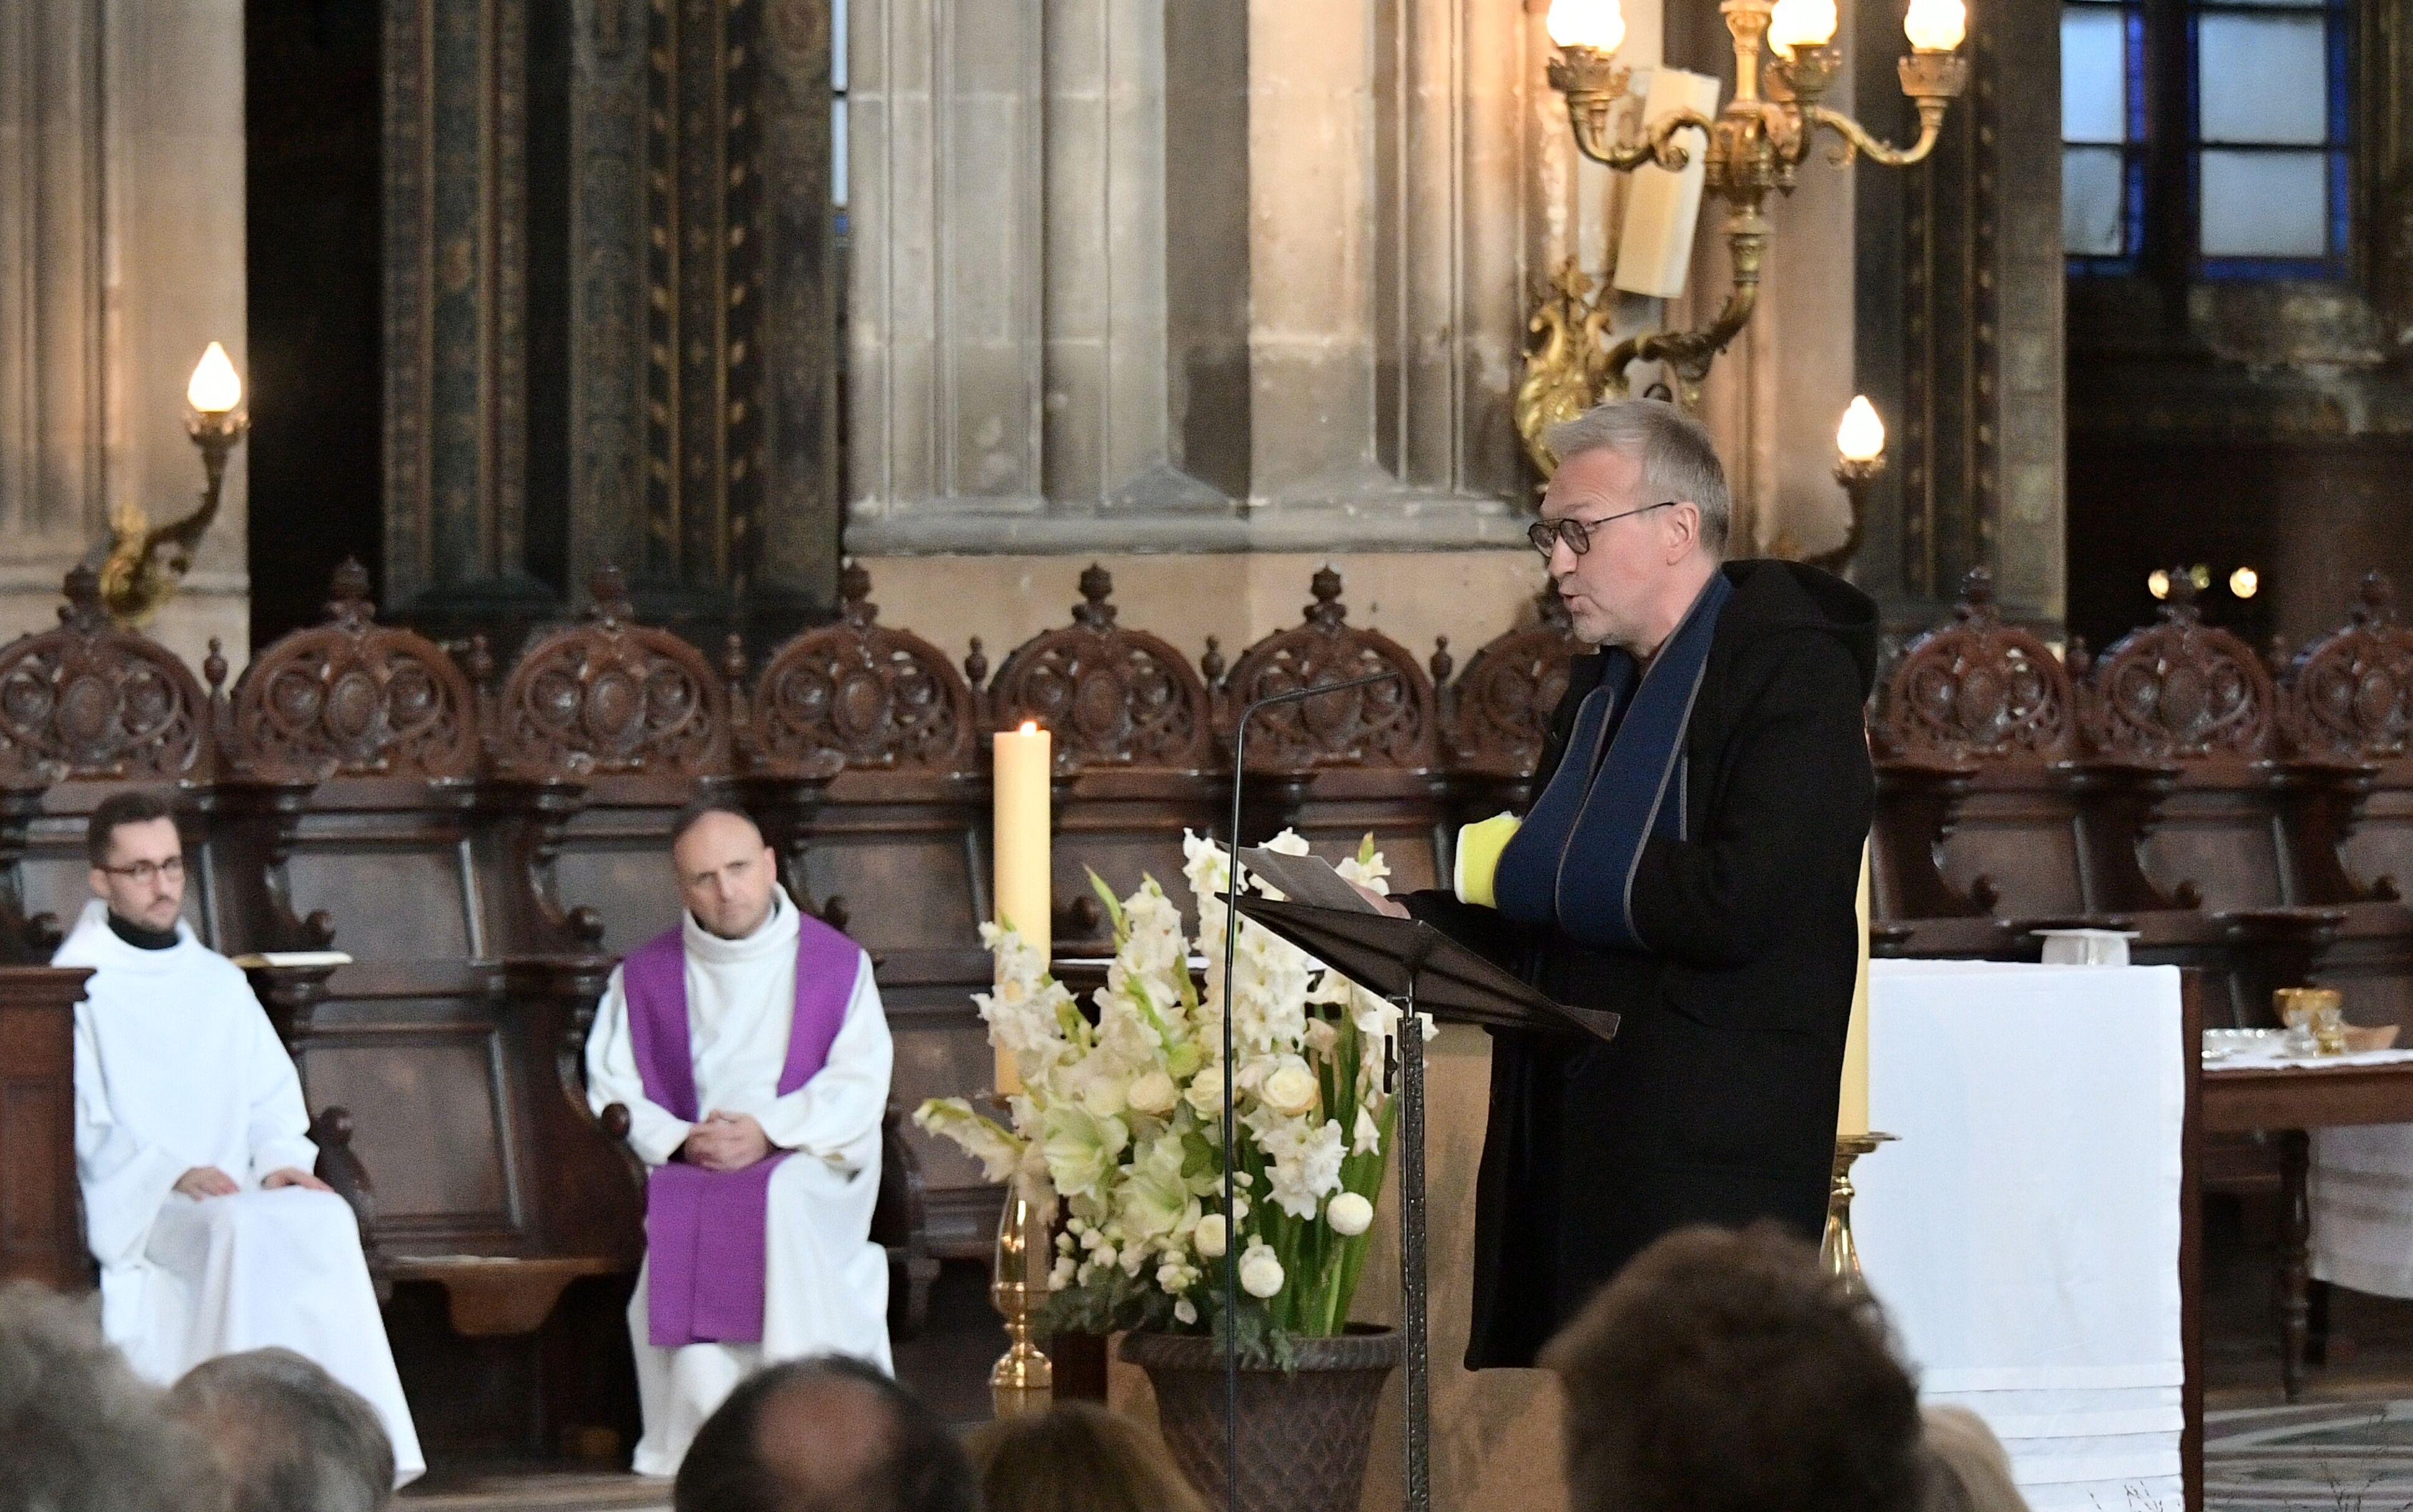 PHOTO Laurent Ruquier blessé : il apparaît le bras dans le plâtre aux obsèques de Marie Laforêt